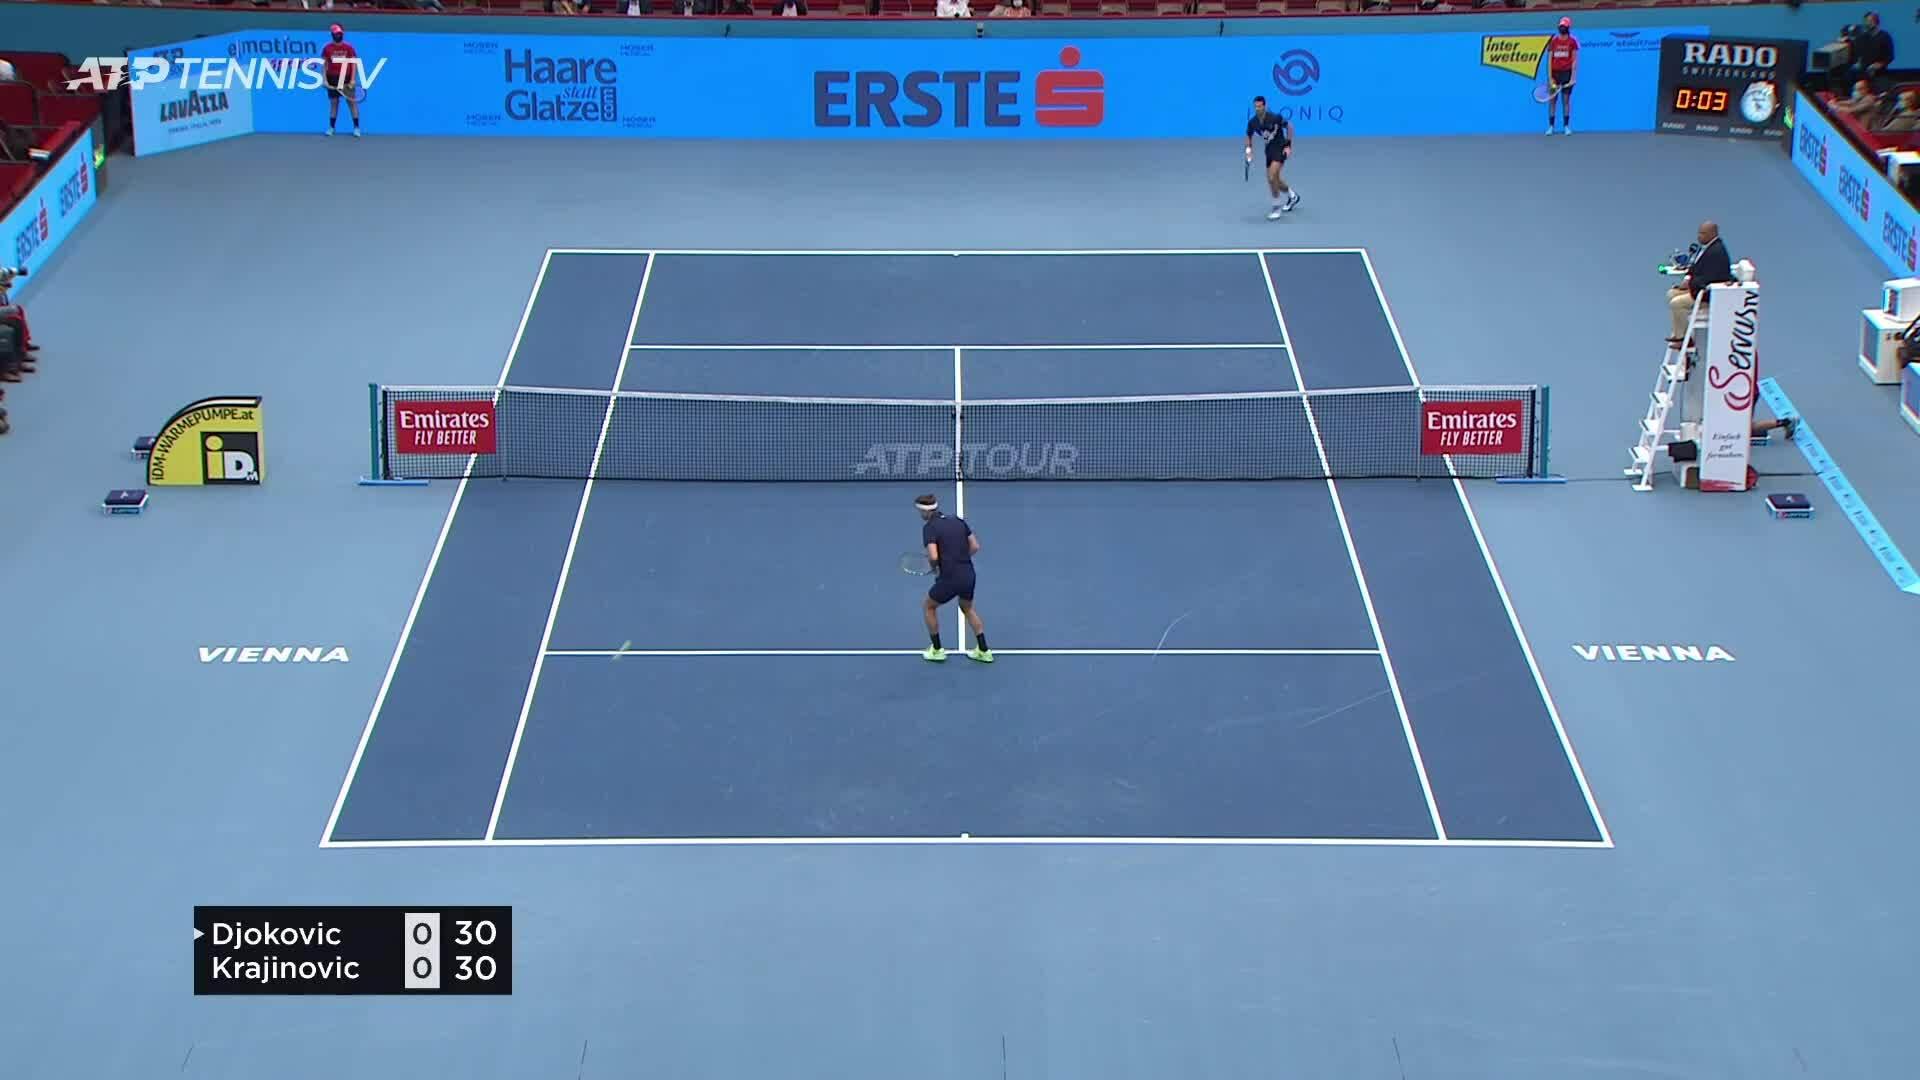 Djokovic vs Krajinovic Battle